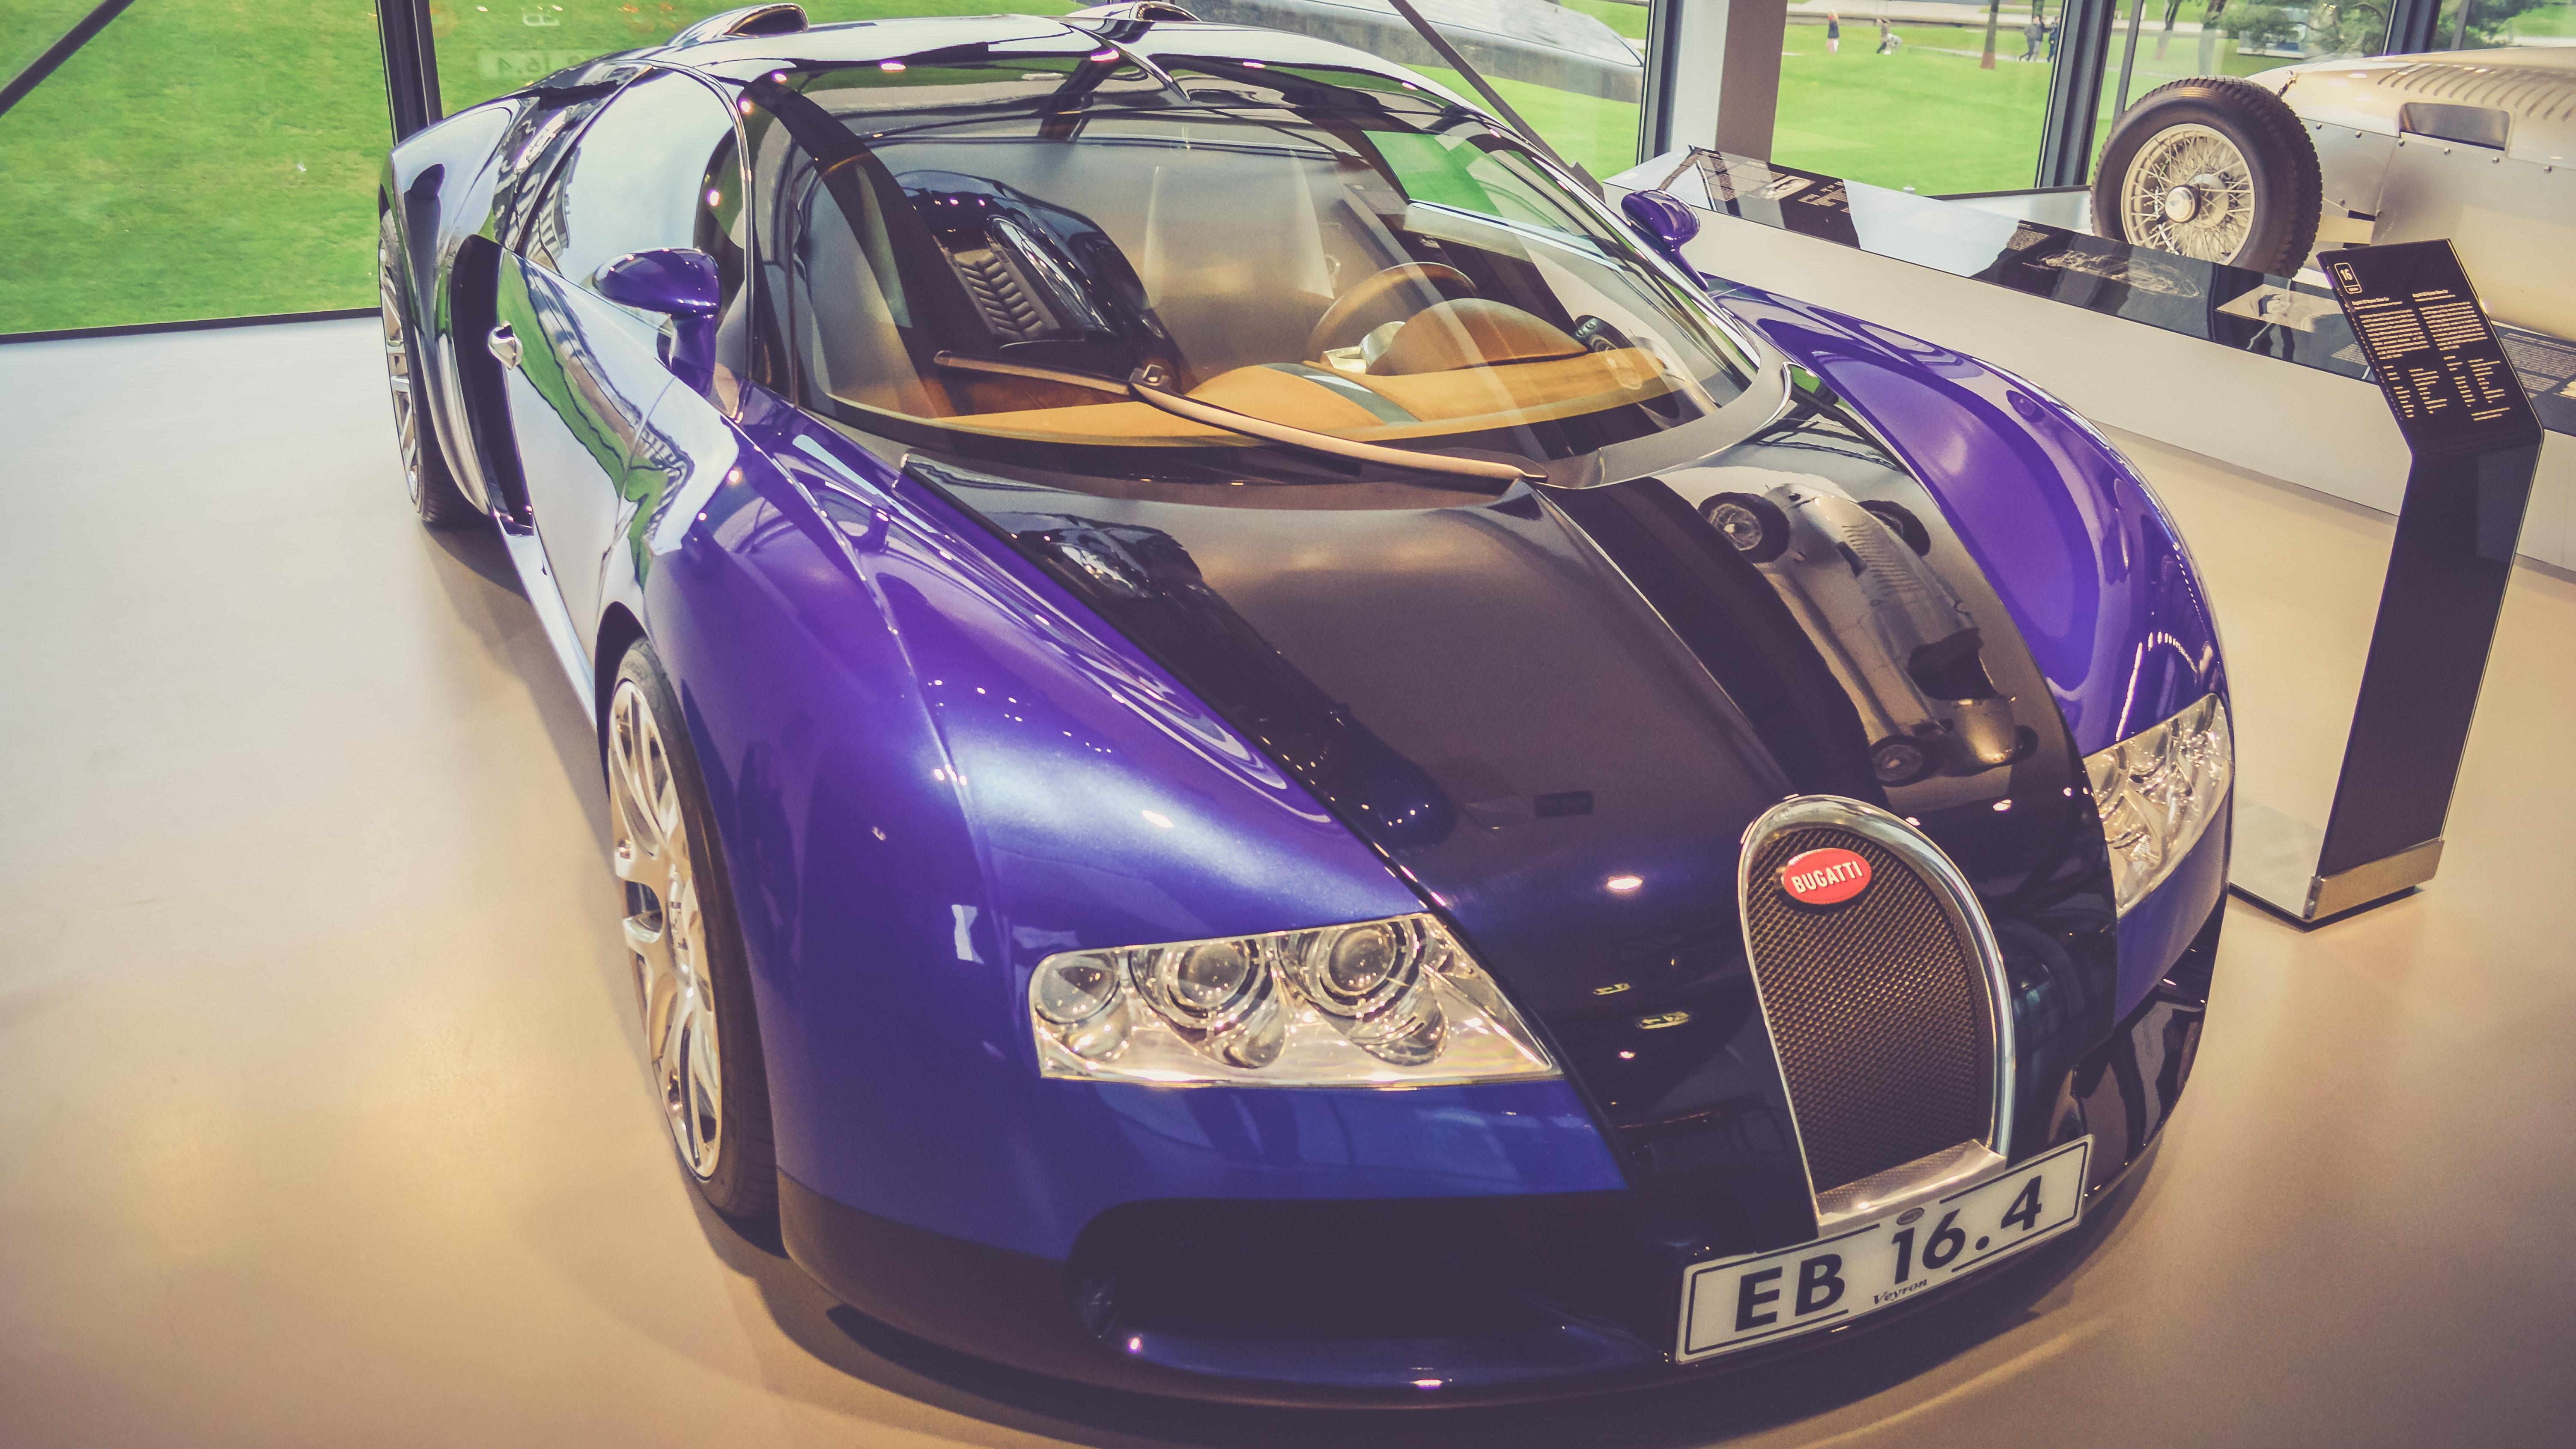 Purple Bugatti Veyron Free Stock Photo